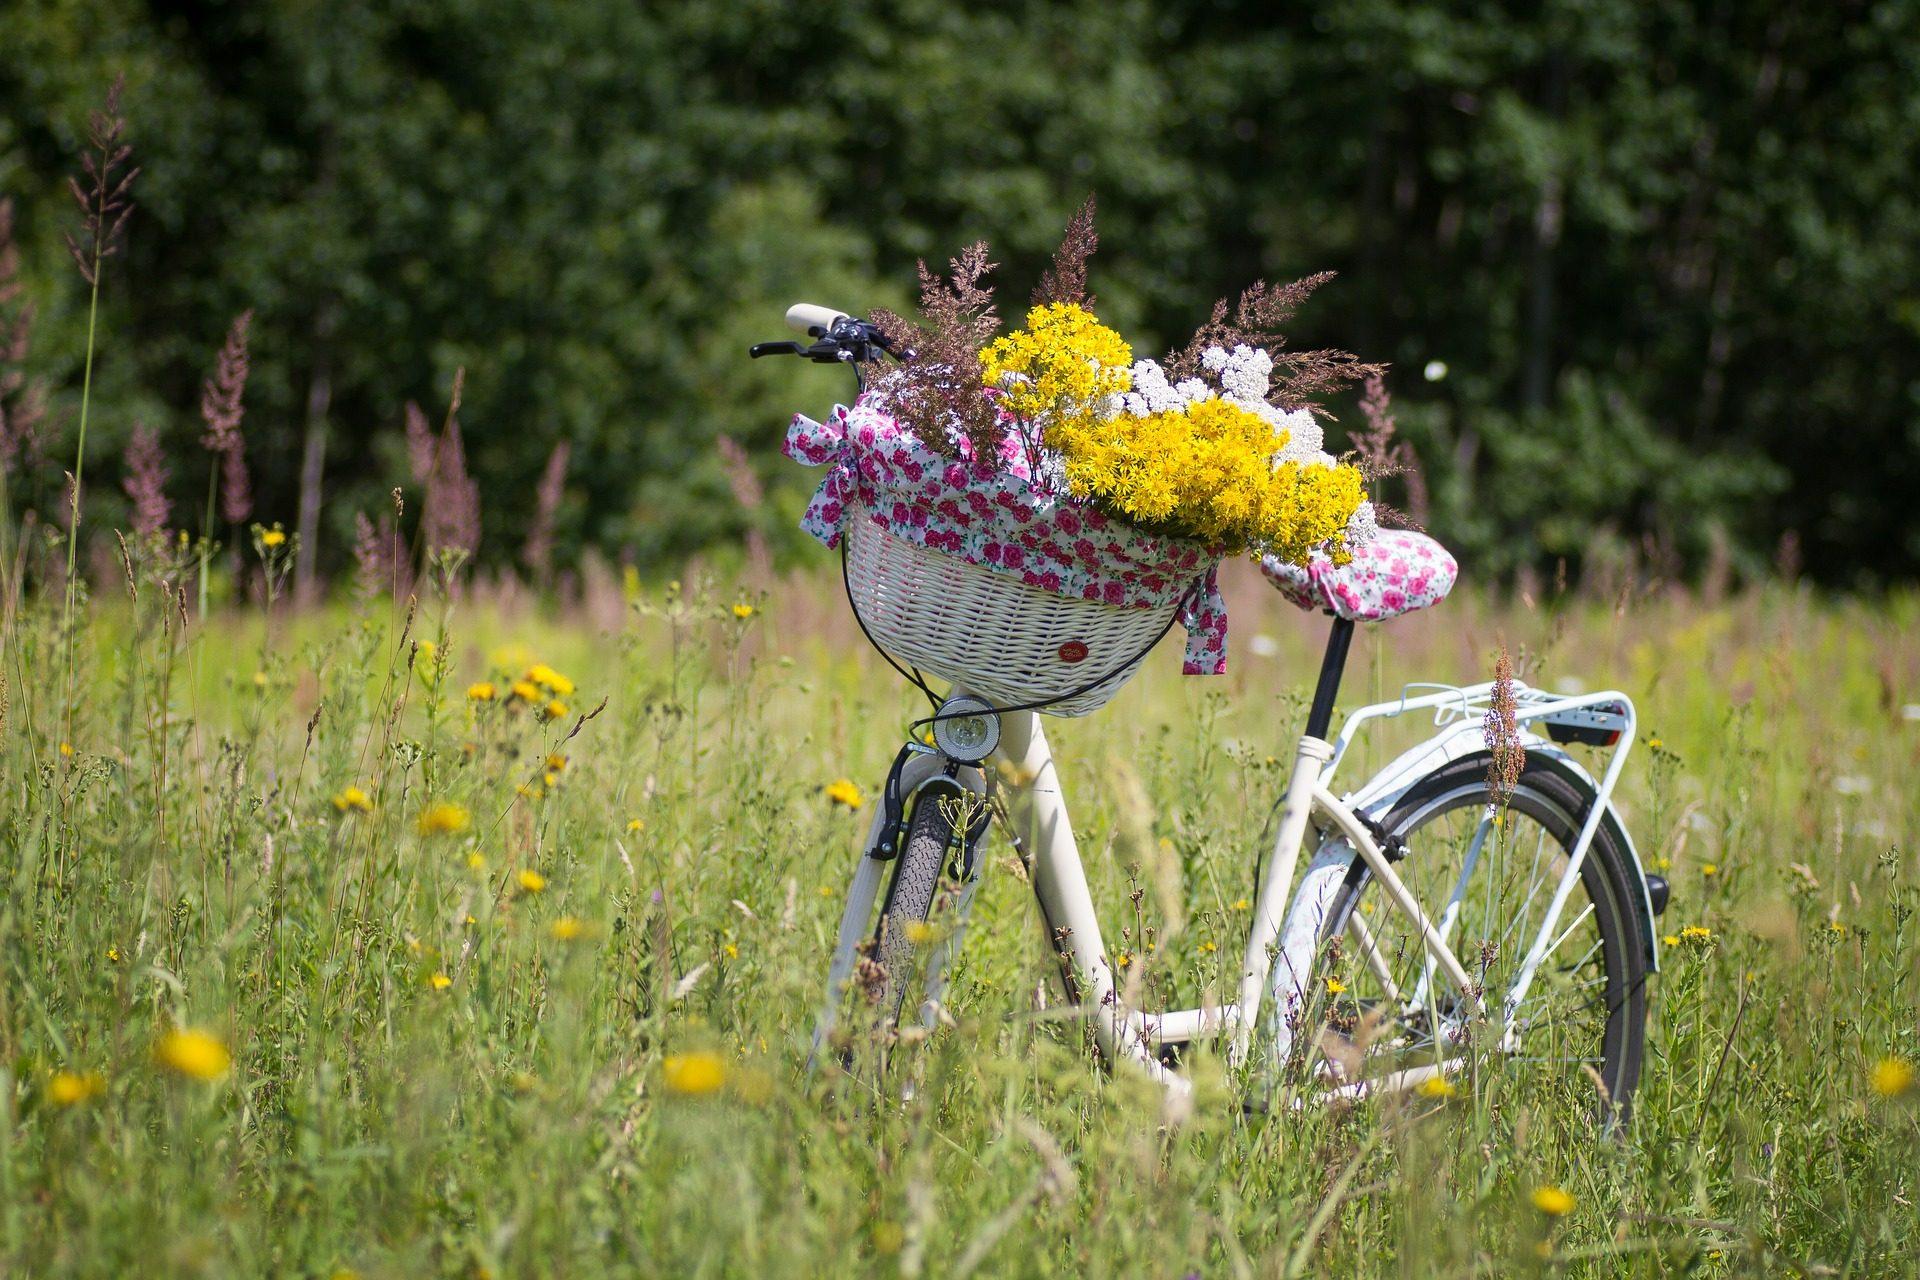 велосипед, путь, Корзина, Цветы, поле, ПРАДО - Обои HD - Профессор falken.com